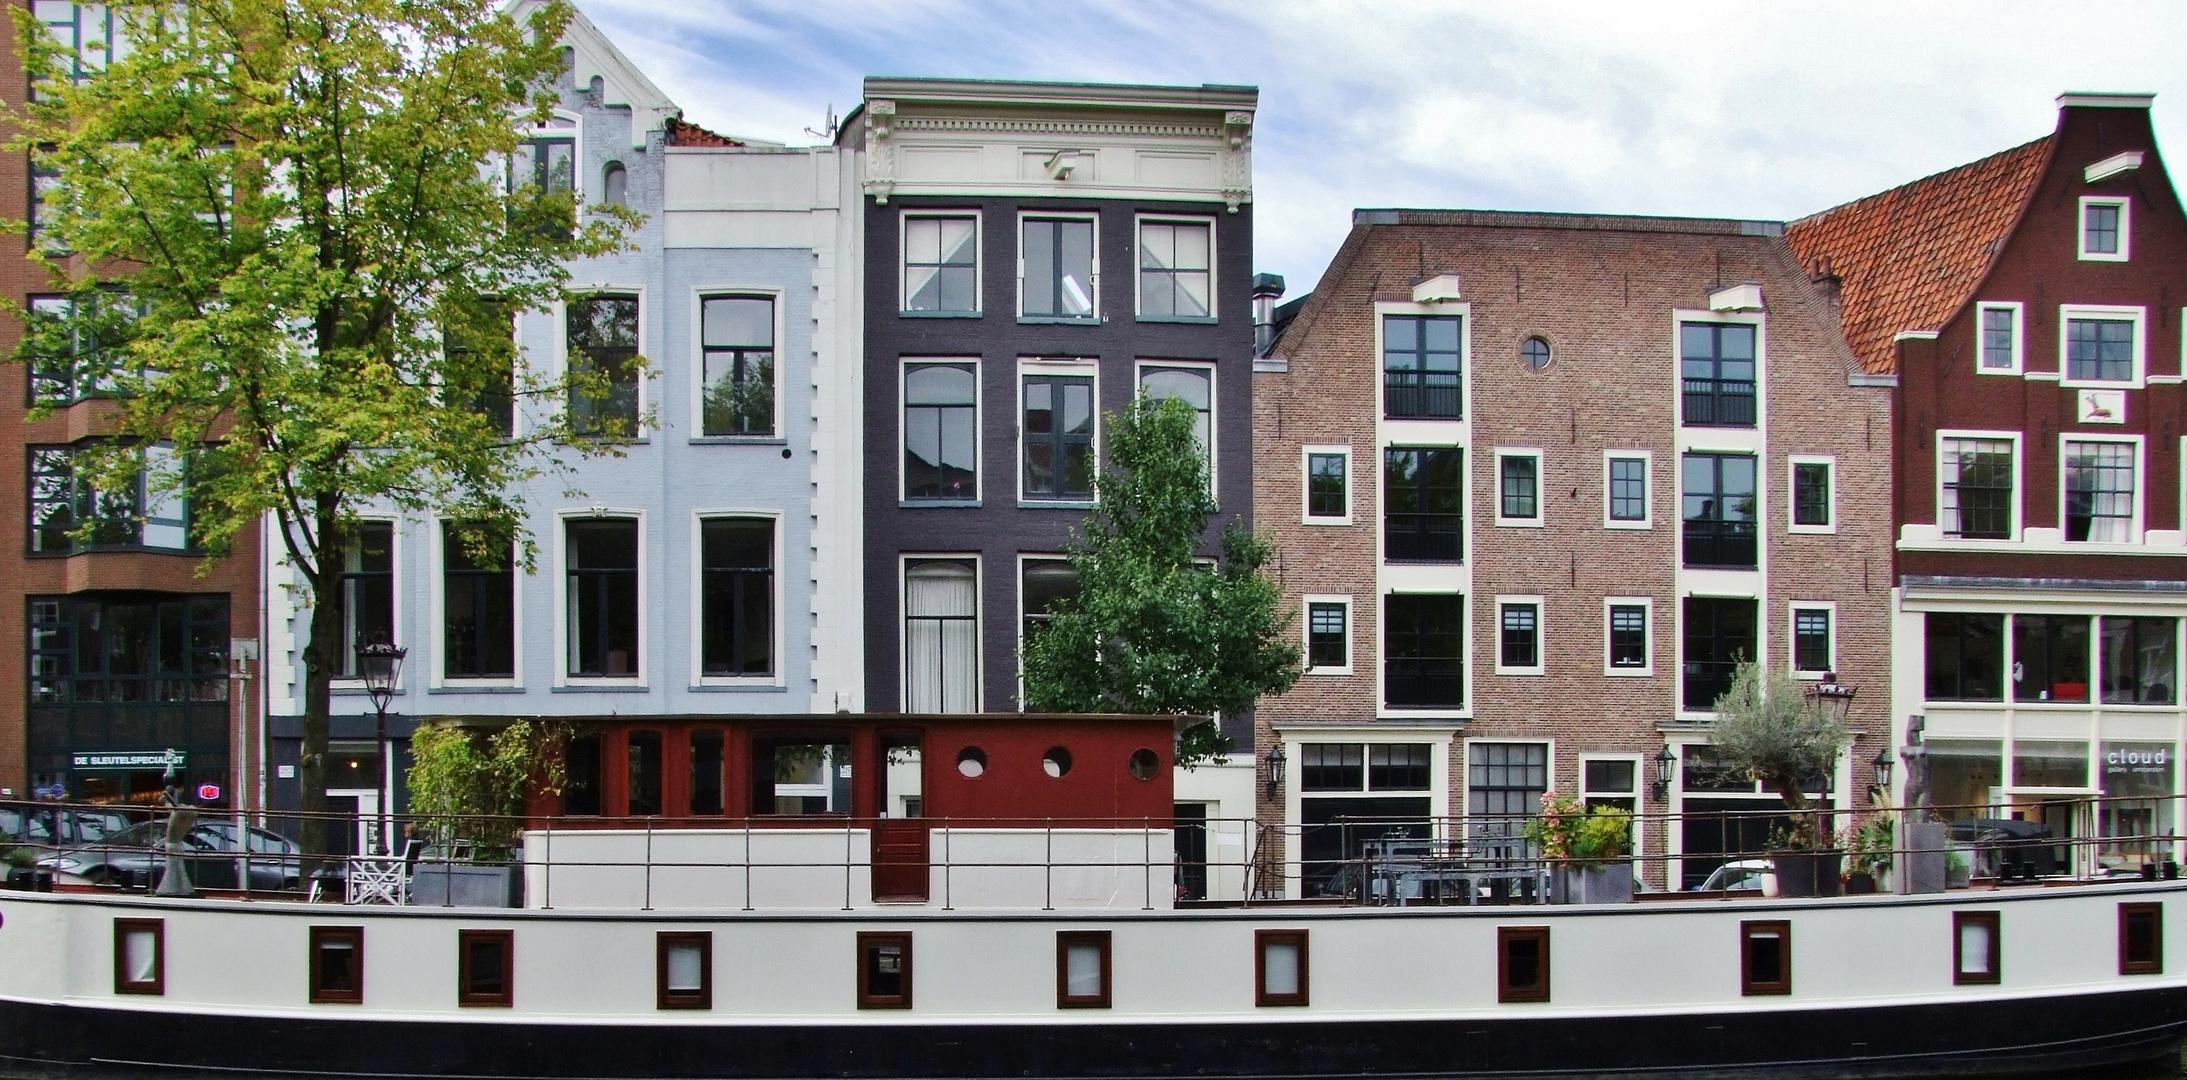 Architektur Amsterdam architektur in amsterdam foto bild architektur europe benelux